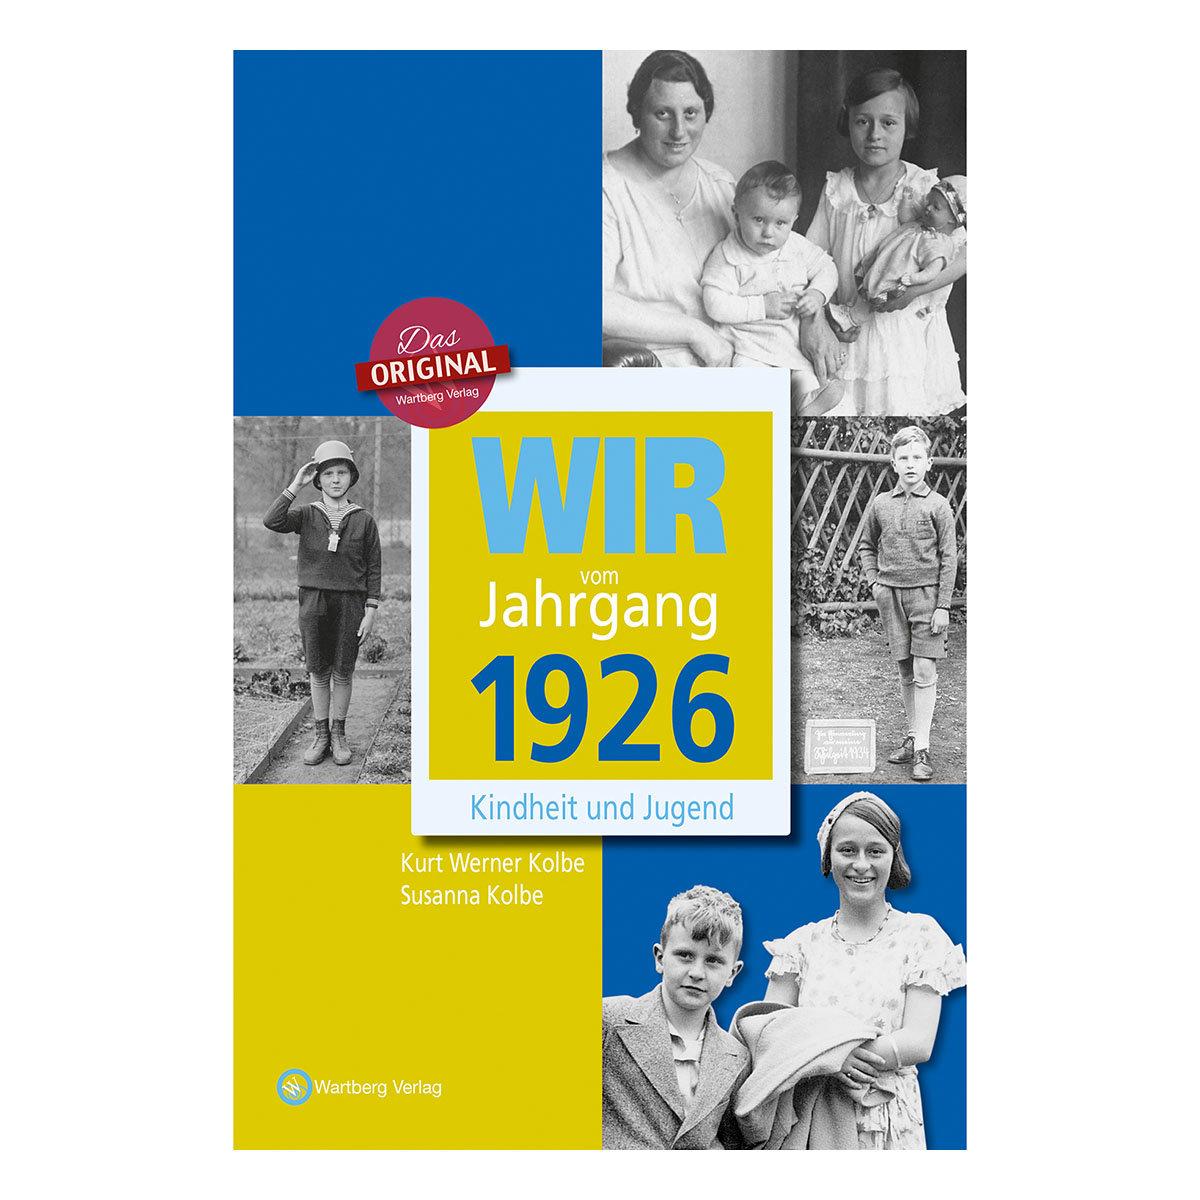 Wir vom Jahrgang 1926 - Kindheit und Jugend